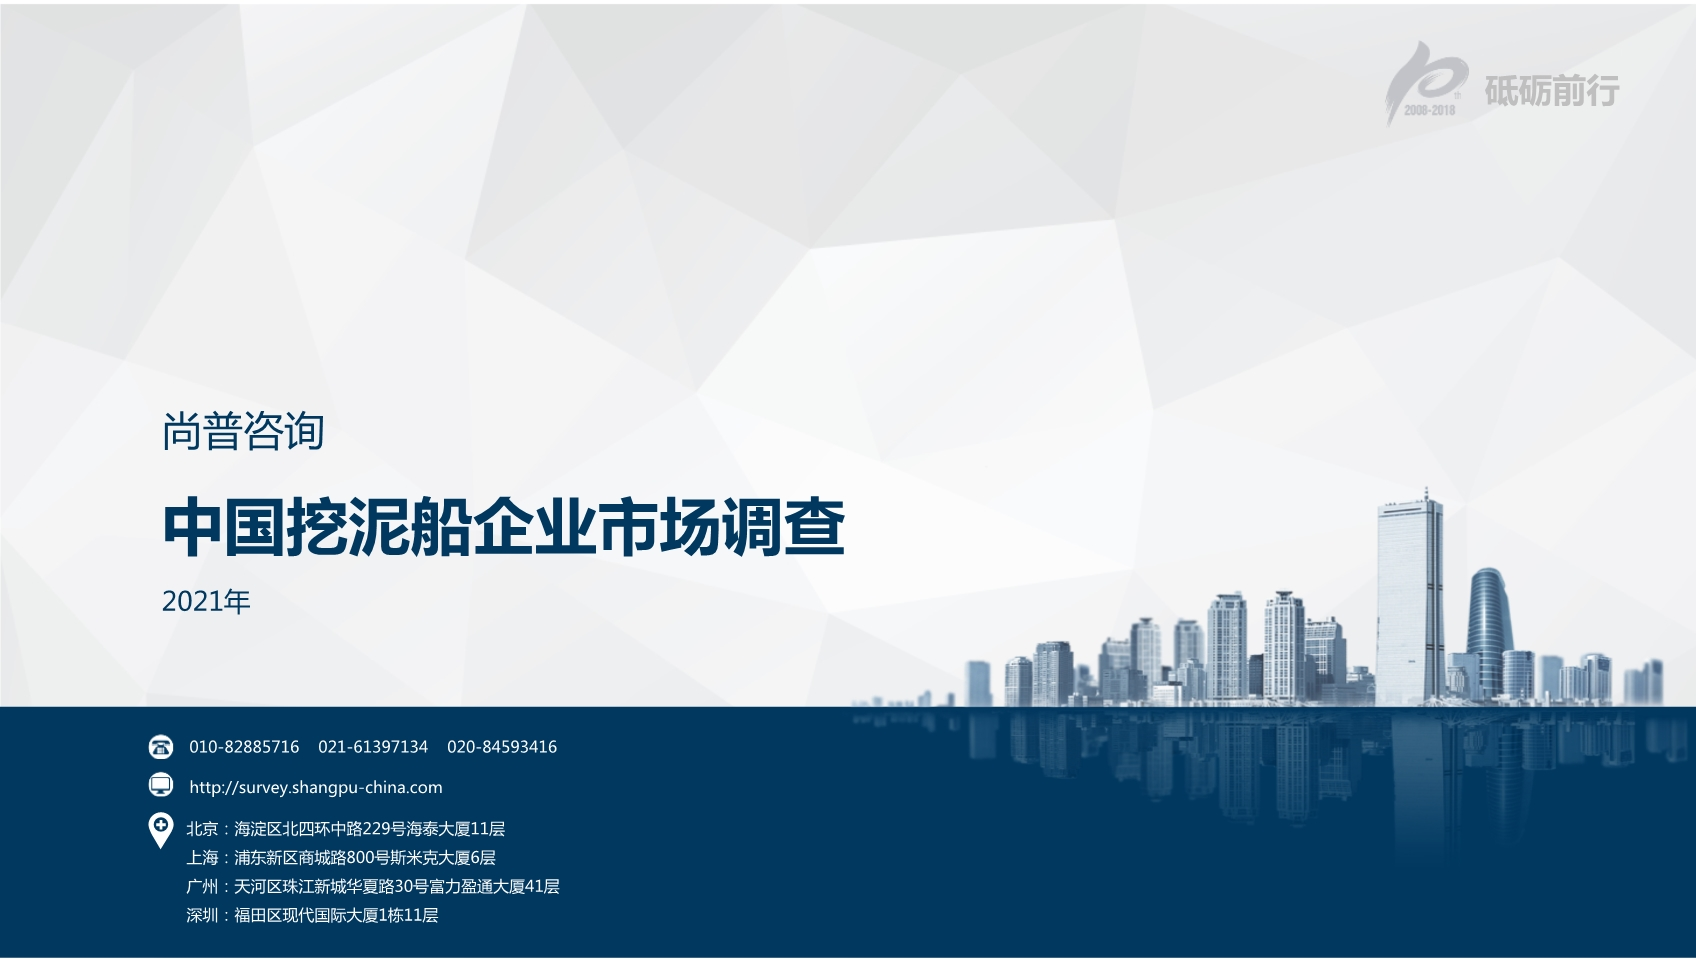 尚普咨询:2021年中国挖泥船企业市场调查